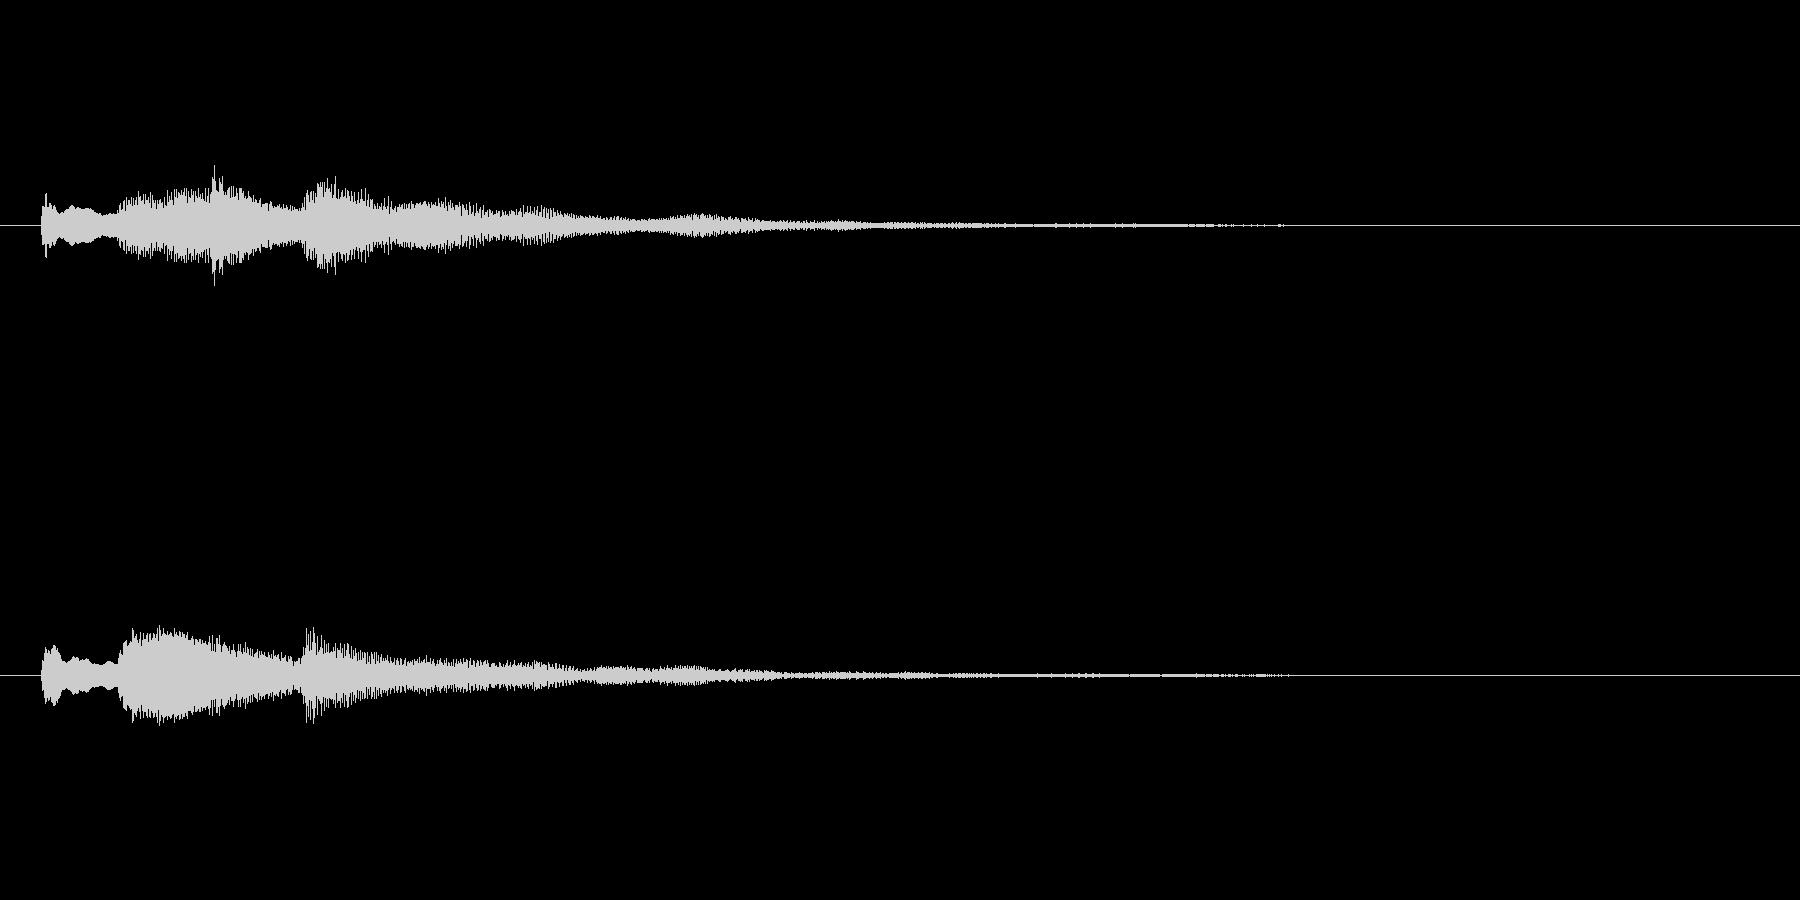 テロテローン テロップ・決定音の未再生の波形